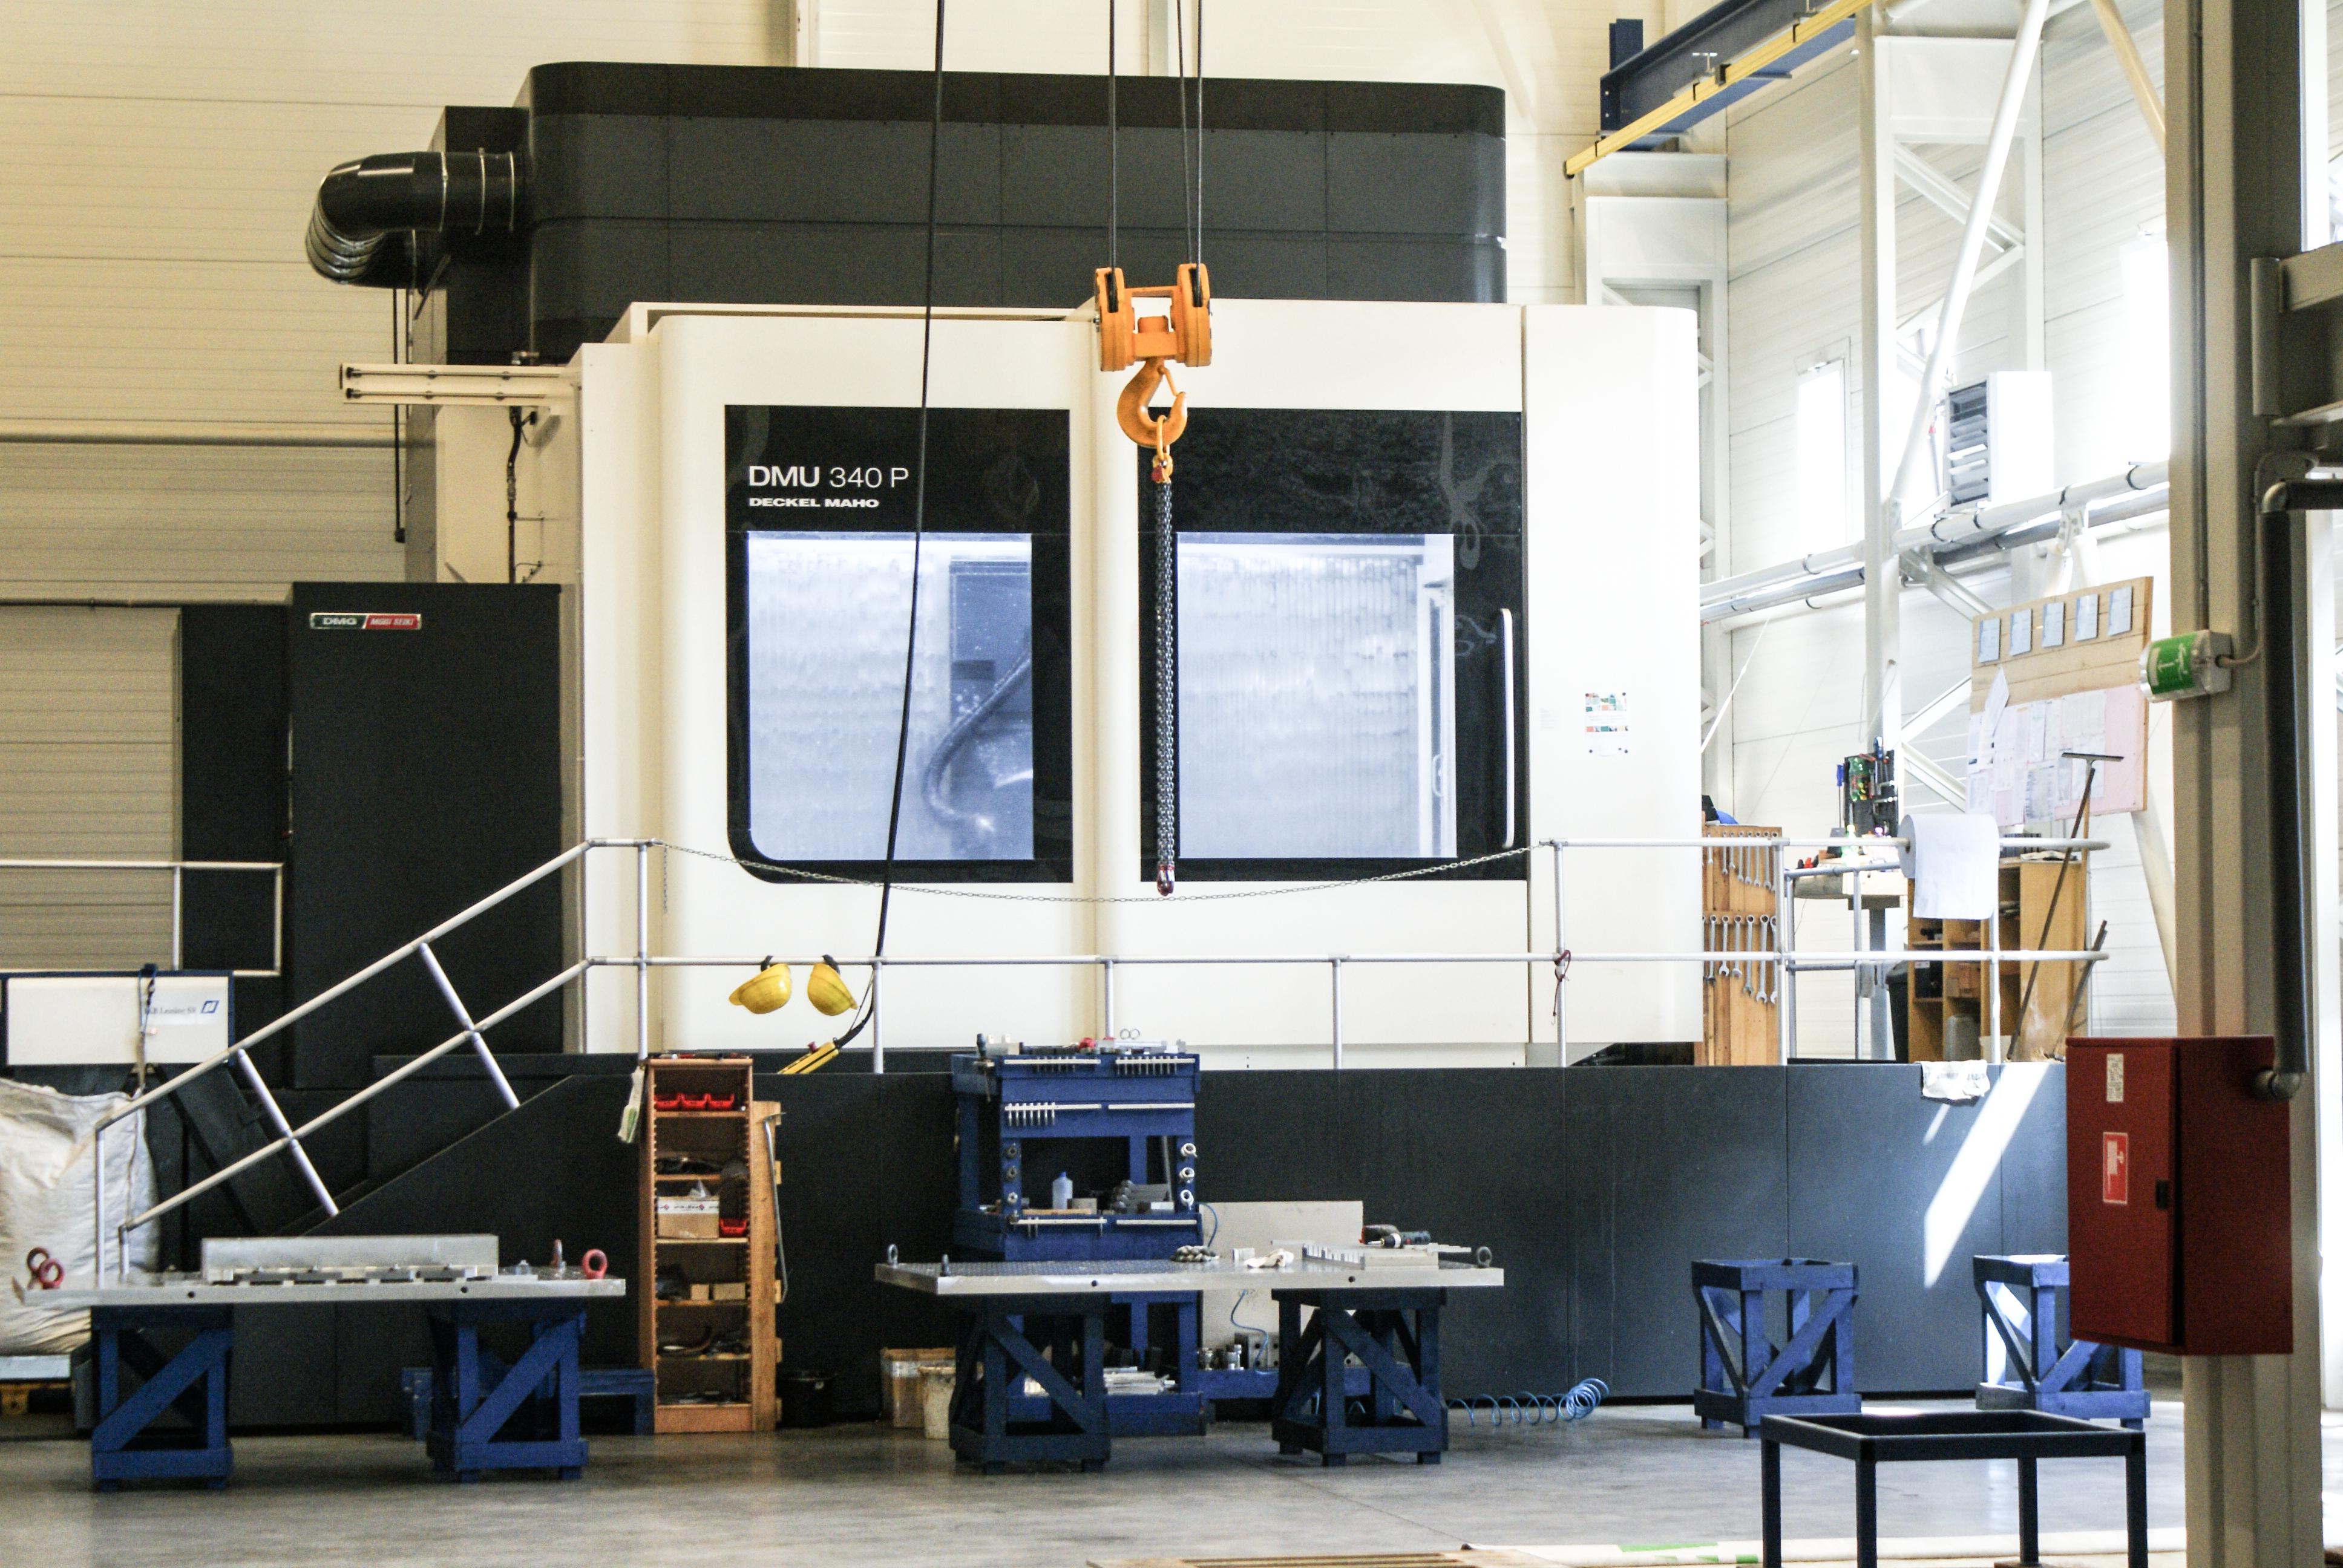 Morháč: Vo svete trendy spejú k vysokej úrovni automatizácie výroby